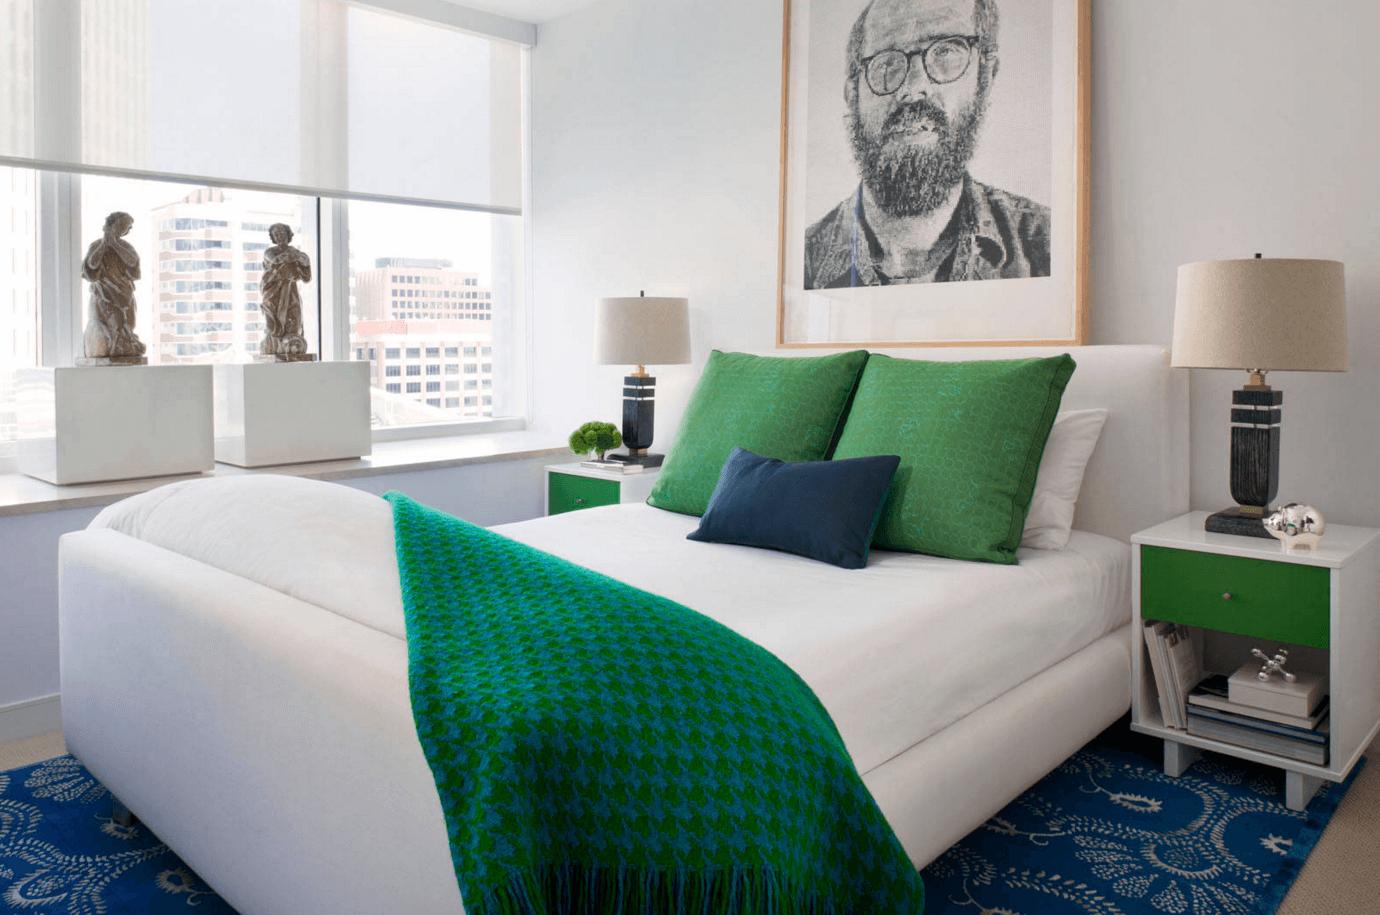 Прекрасный интерьер небольшой спальни, продуманный до мелочей